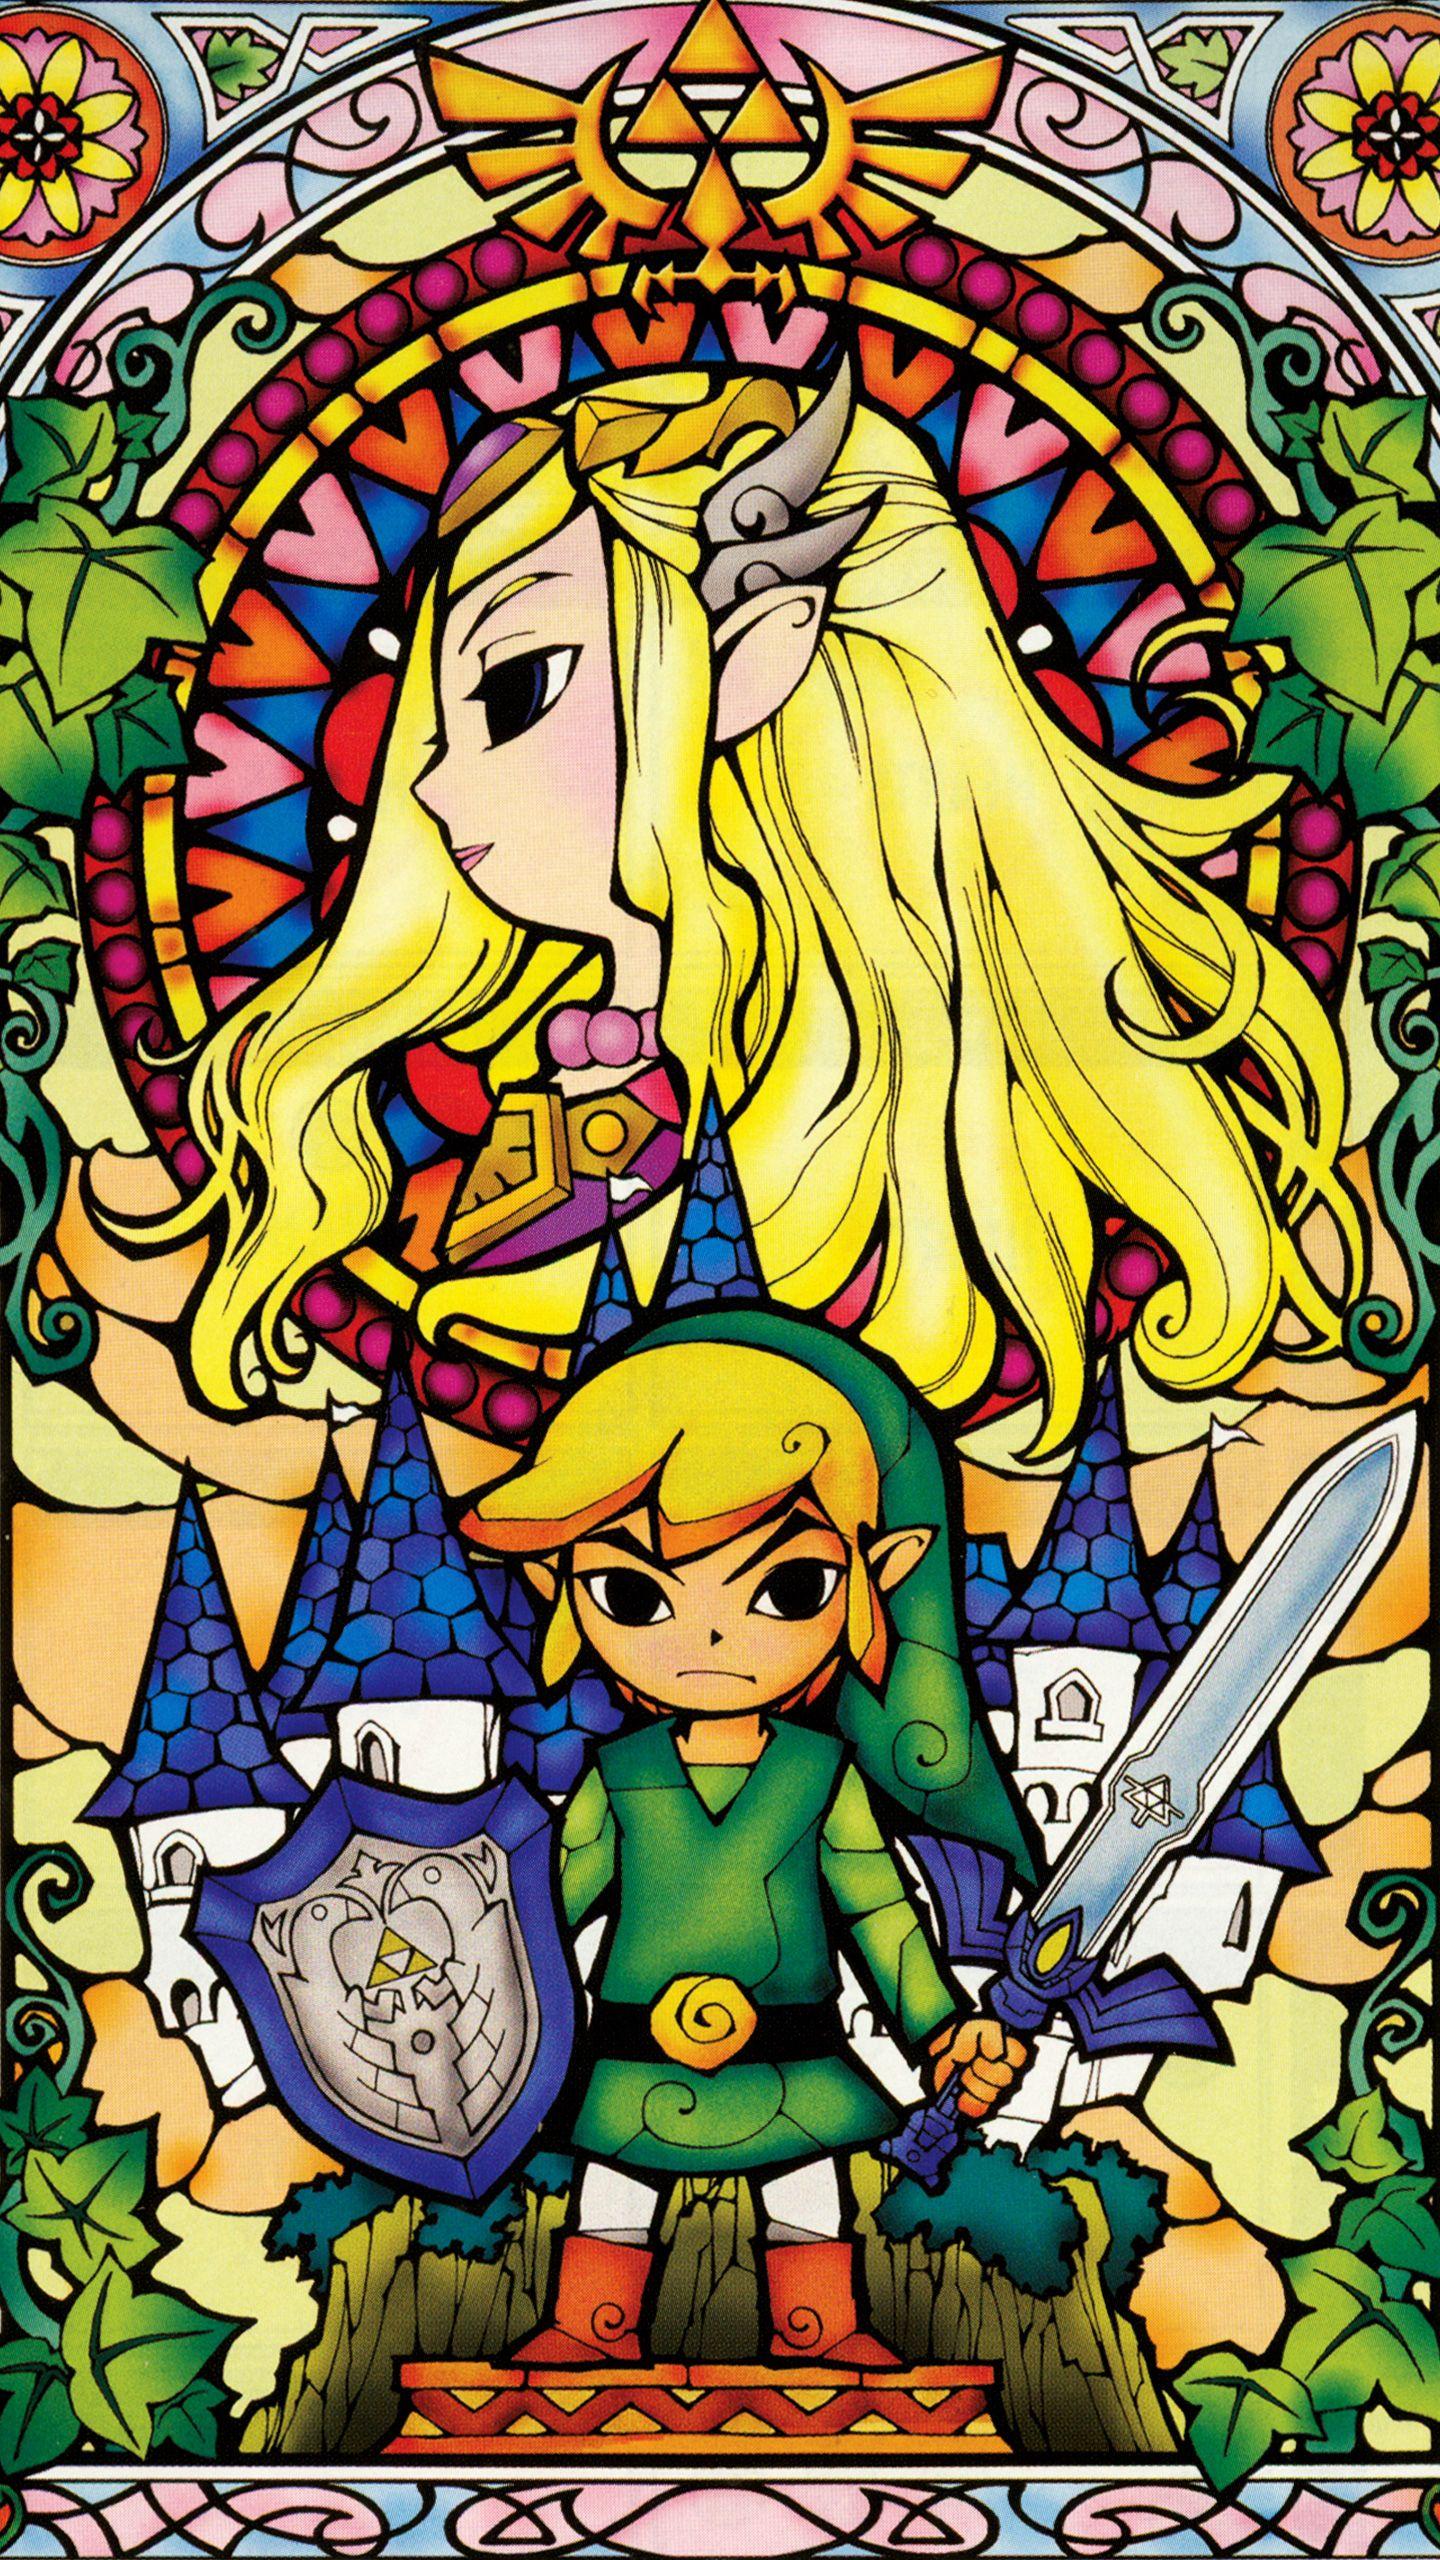 Zelda iphone wallpaper tumblr - Mobile Phone The Legend Of Zelda Wallpapers Hd Desktop